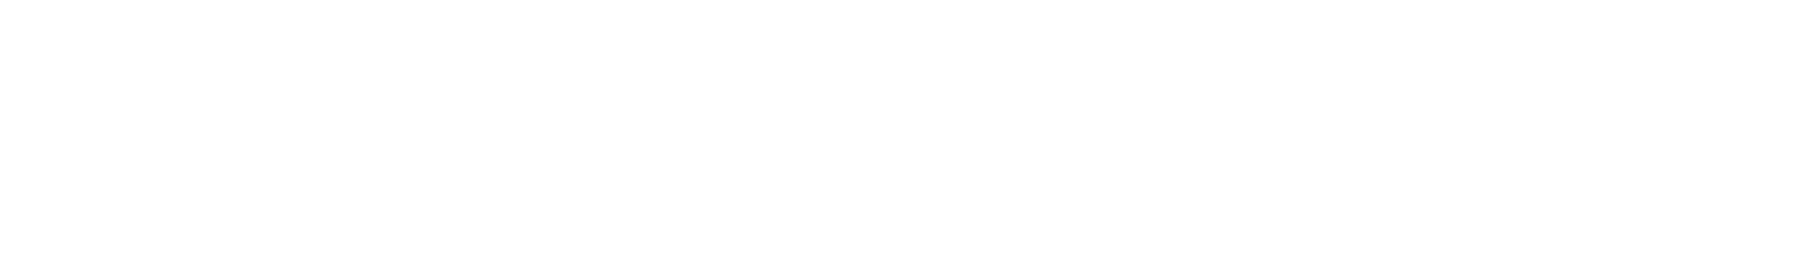 guitarfunk05 120